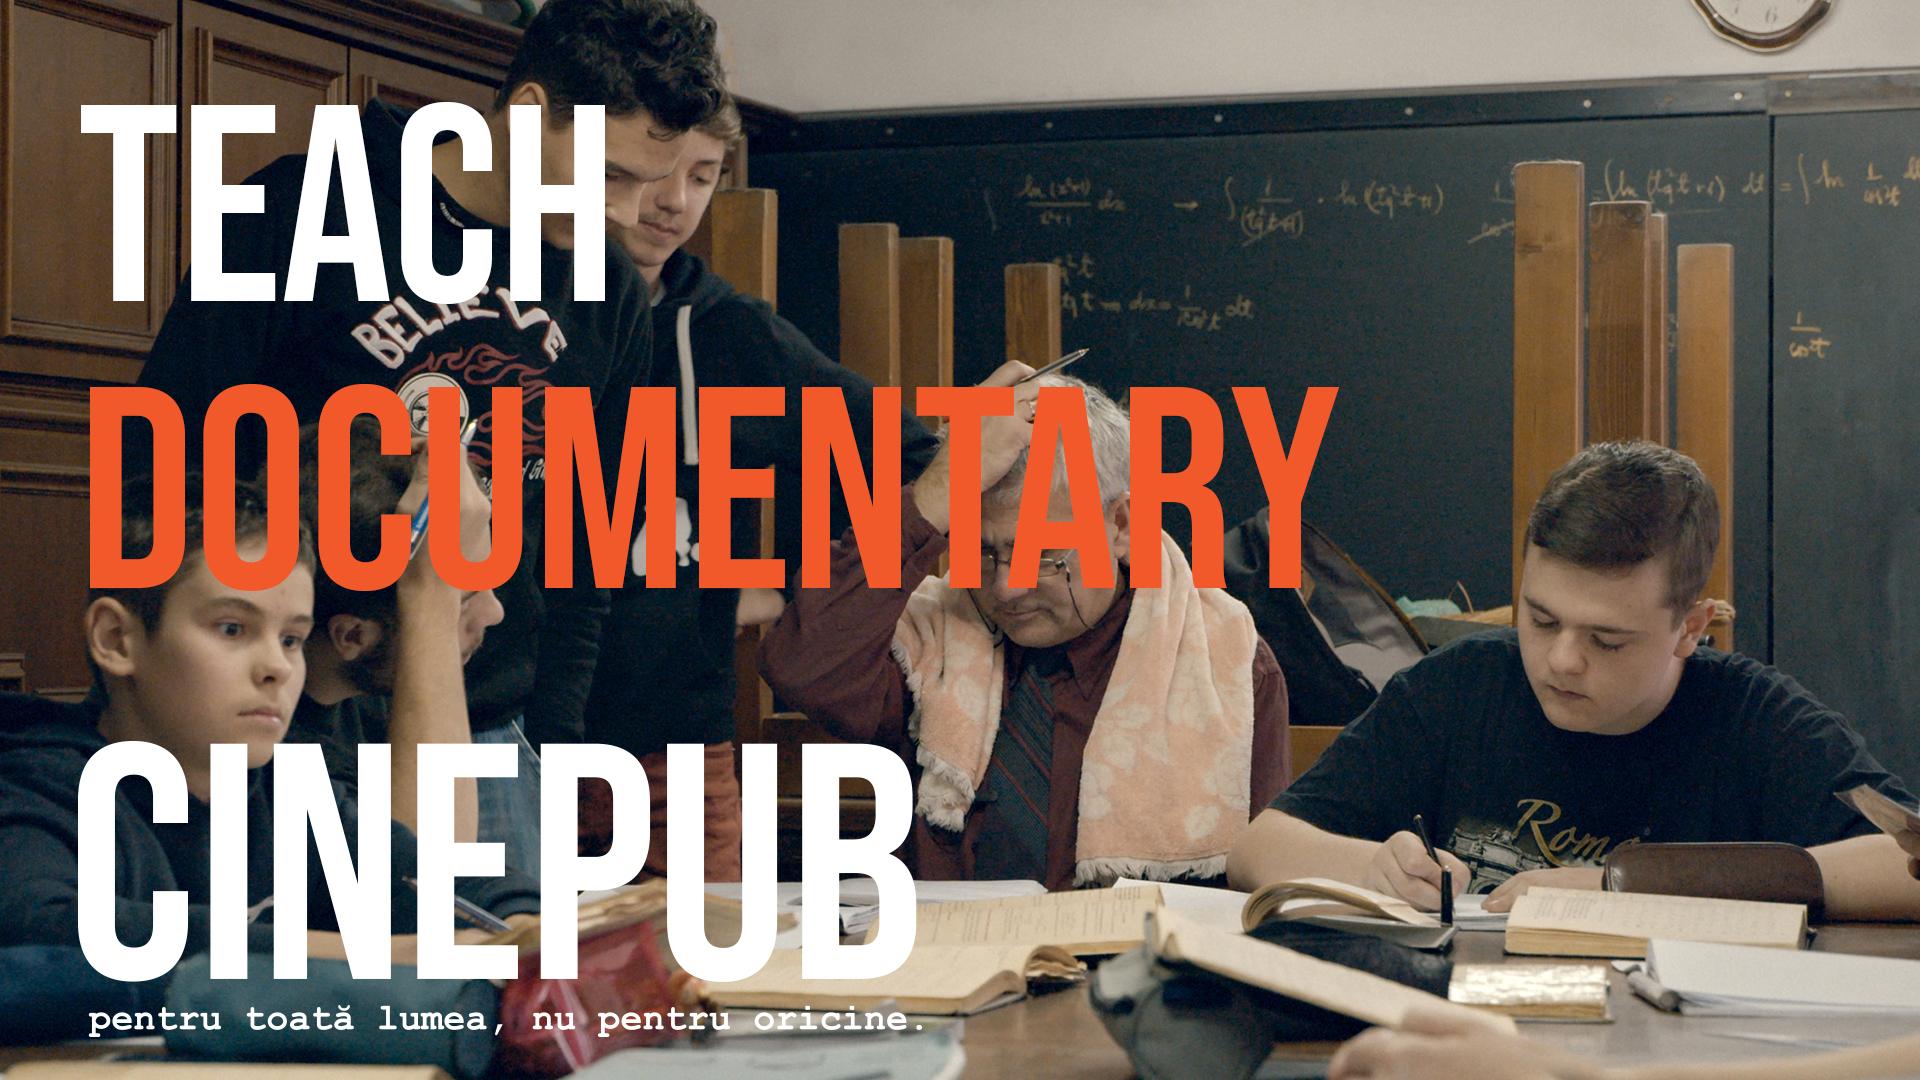 Teach - by Alex Brendea - online documentary on CINEPUB